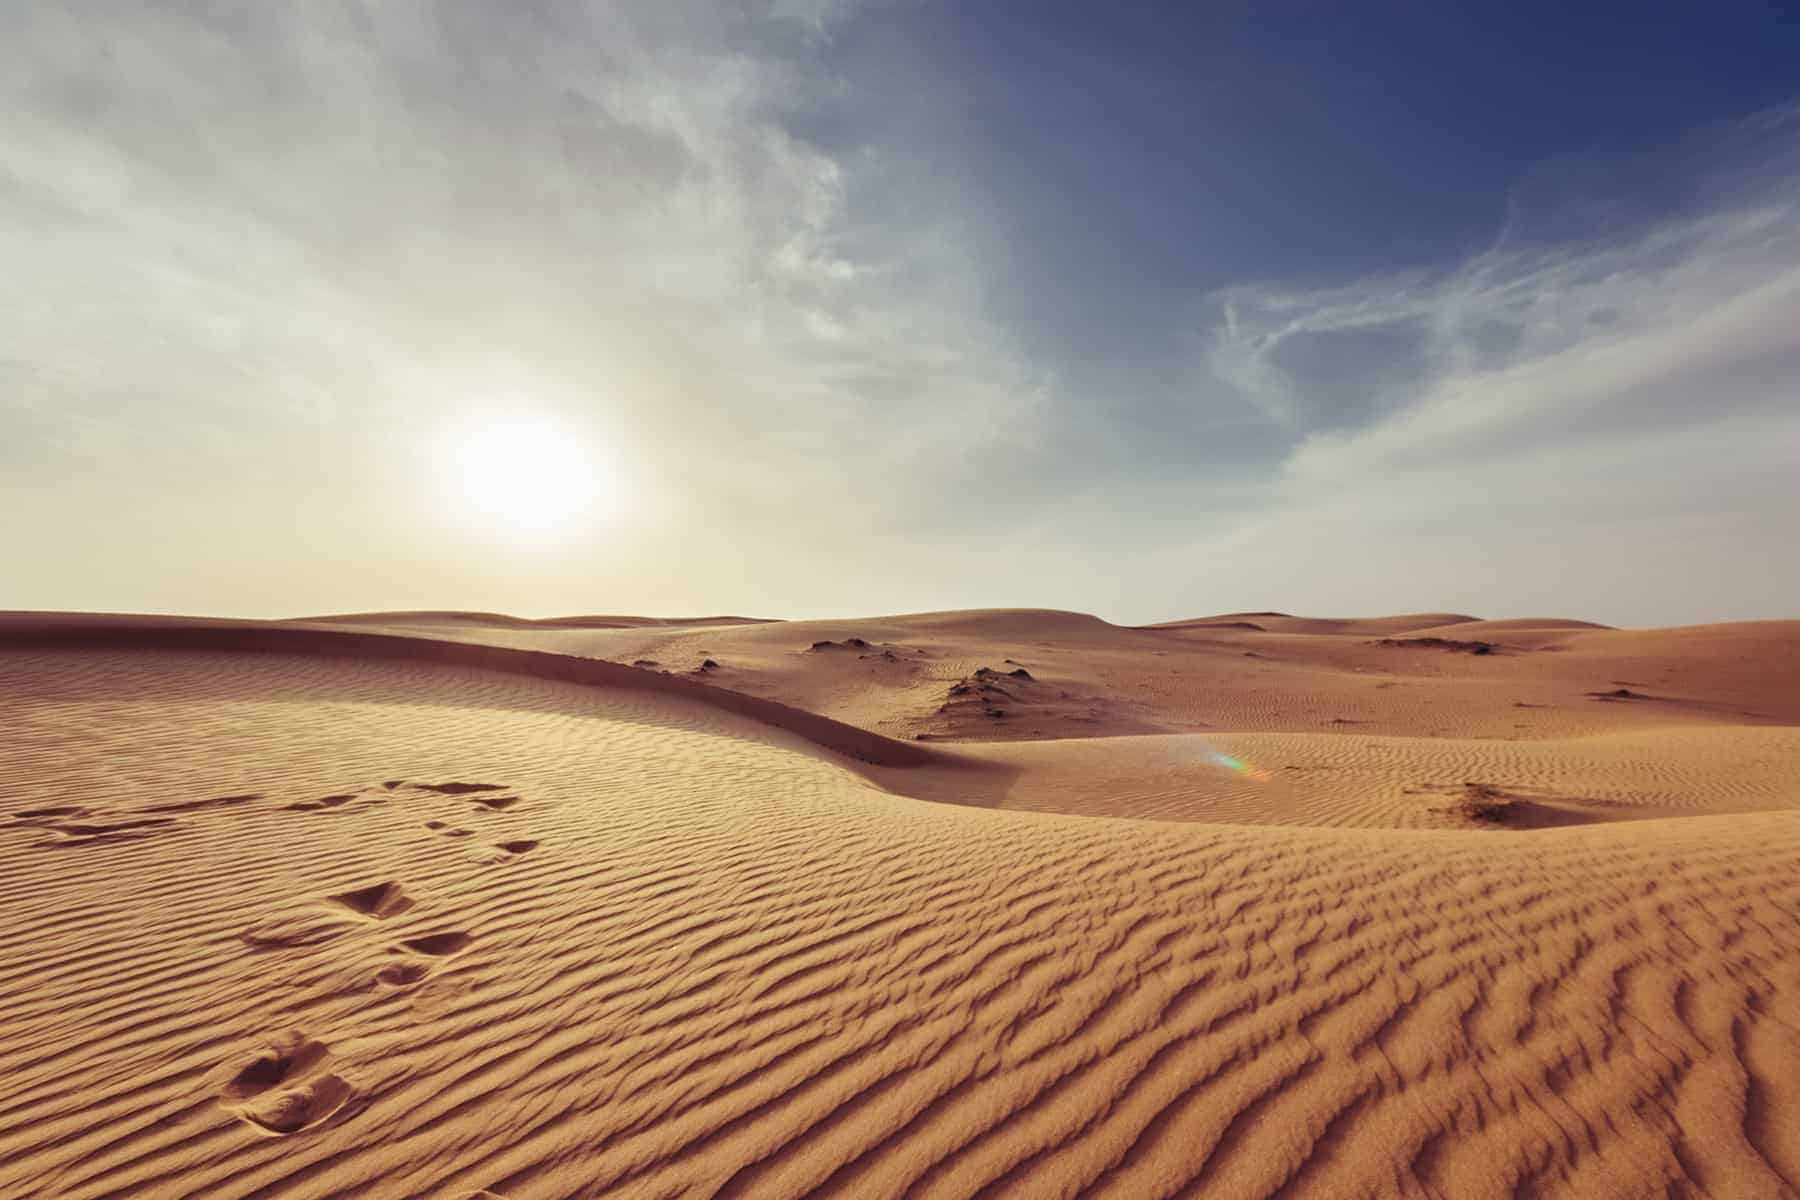 Resor-till-Oman-med-hotell-Al-Husn-Resort-and-Spa-hos-Nygren-Lind-Resebyrå